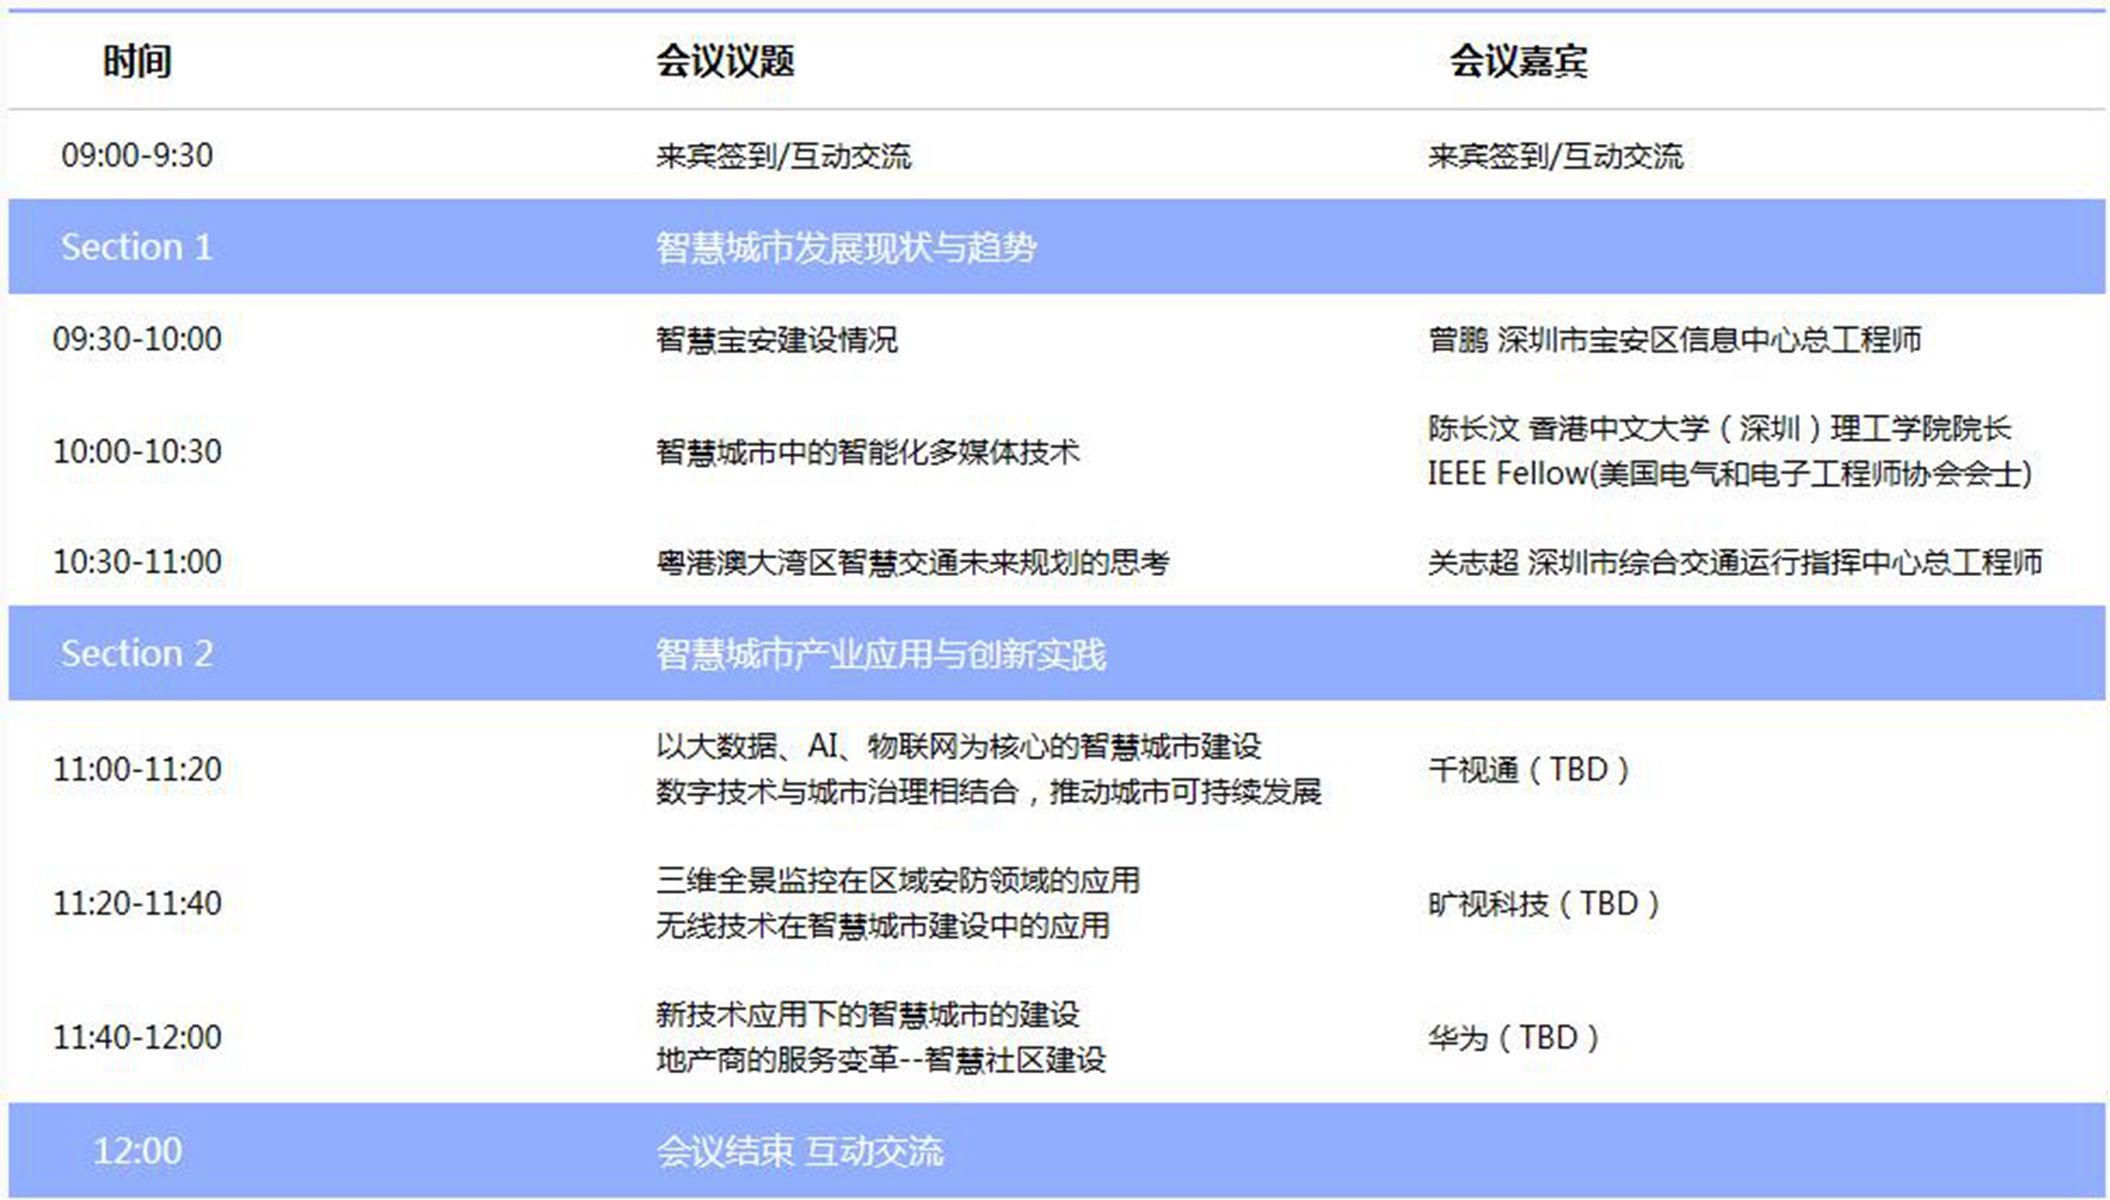 与专家共话,论智慧城市发展之道--OFweek 2019中国智慧城市发展高峰论坛即将开启-IT帮